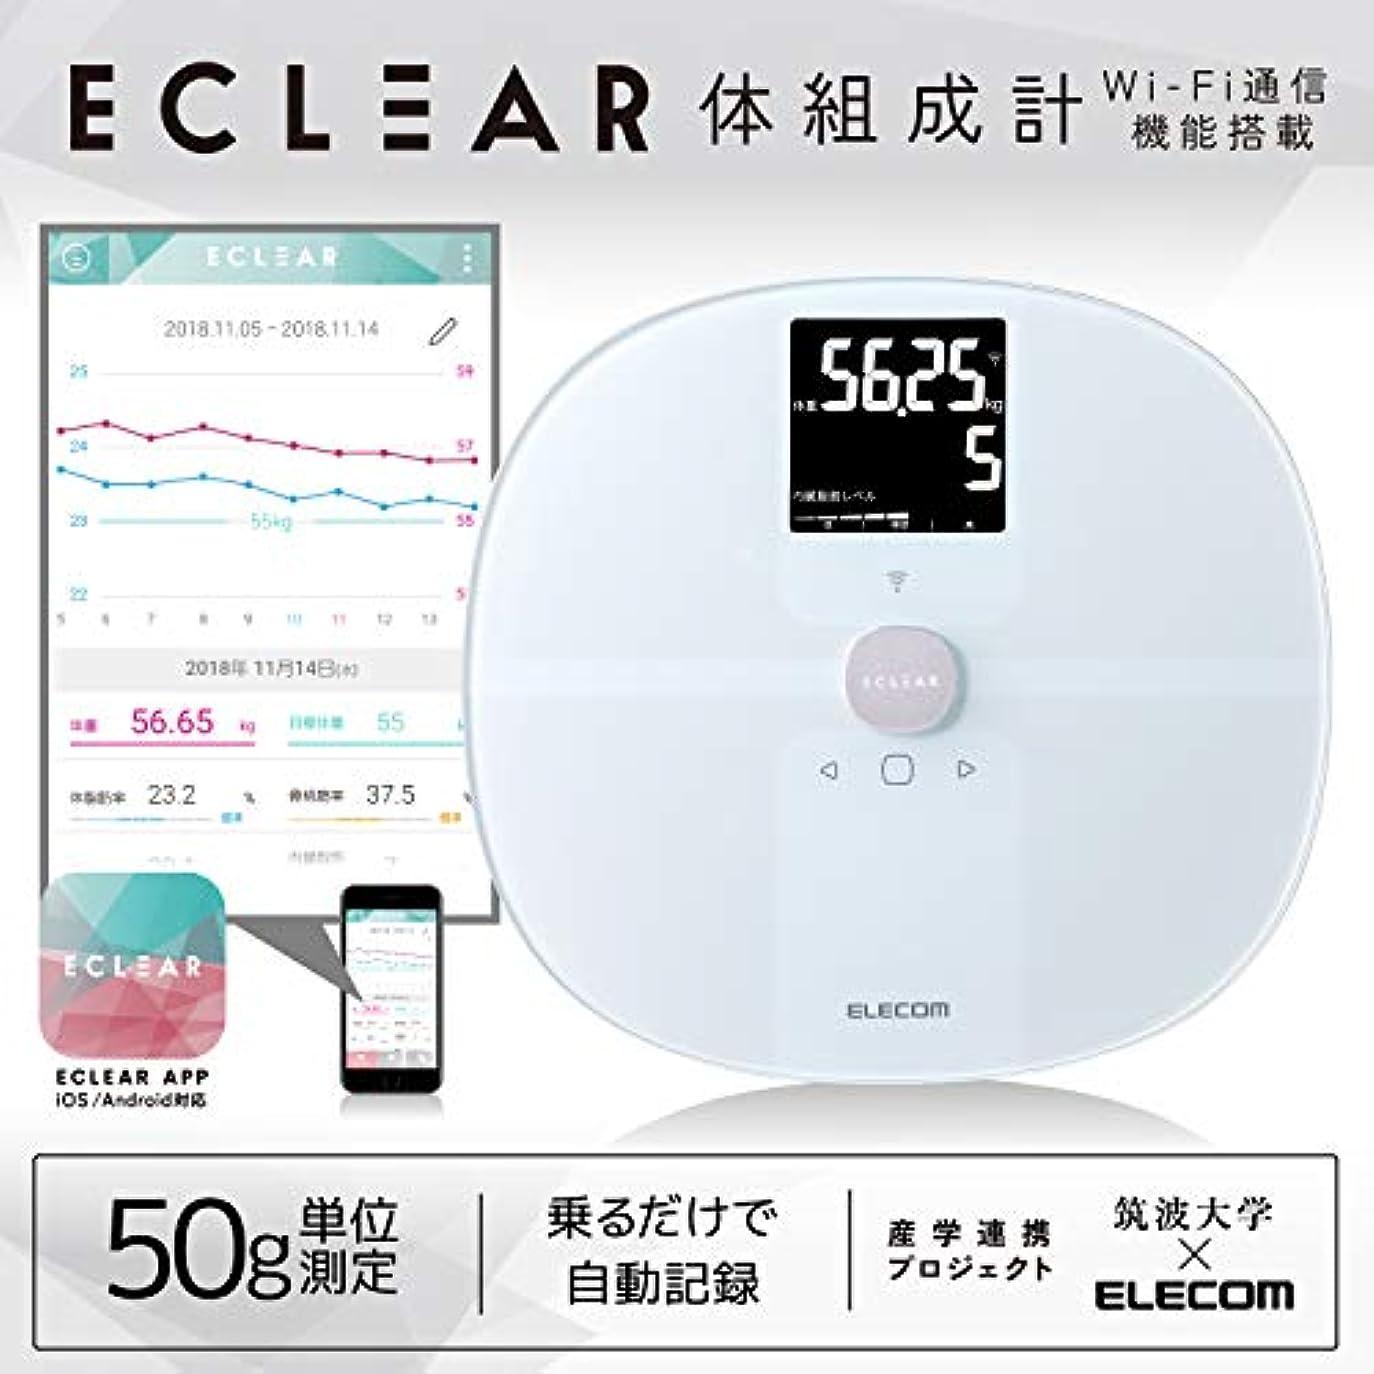 機動確保する呼ぶエレコム 体重?体組成計 スマホアプリ連動 Wi-Fi接続 50g単位 乗るだけ 面倒な毎回のデータ転送操作不要 変化が分かるグラフ表示 「エクリア 体組成計」 ホワイト HCS-WFS01WH